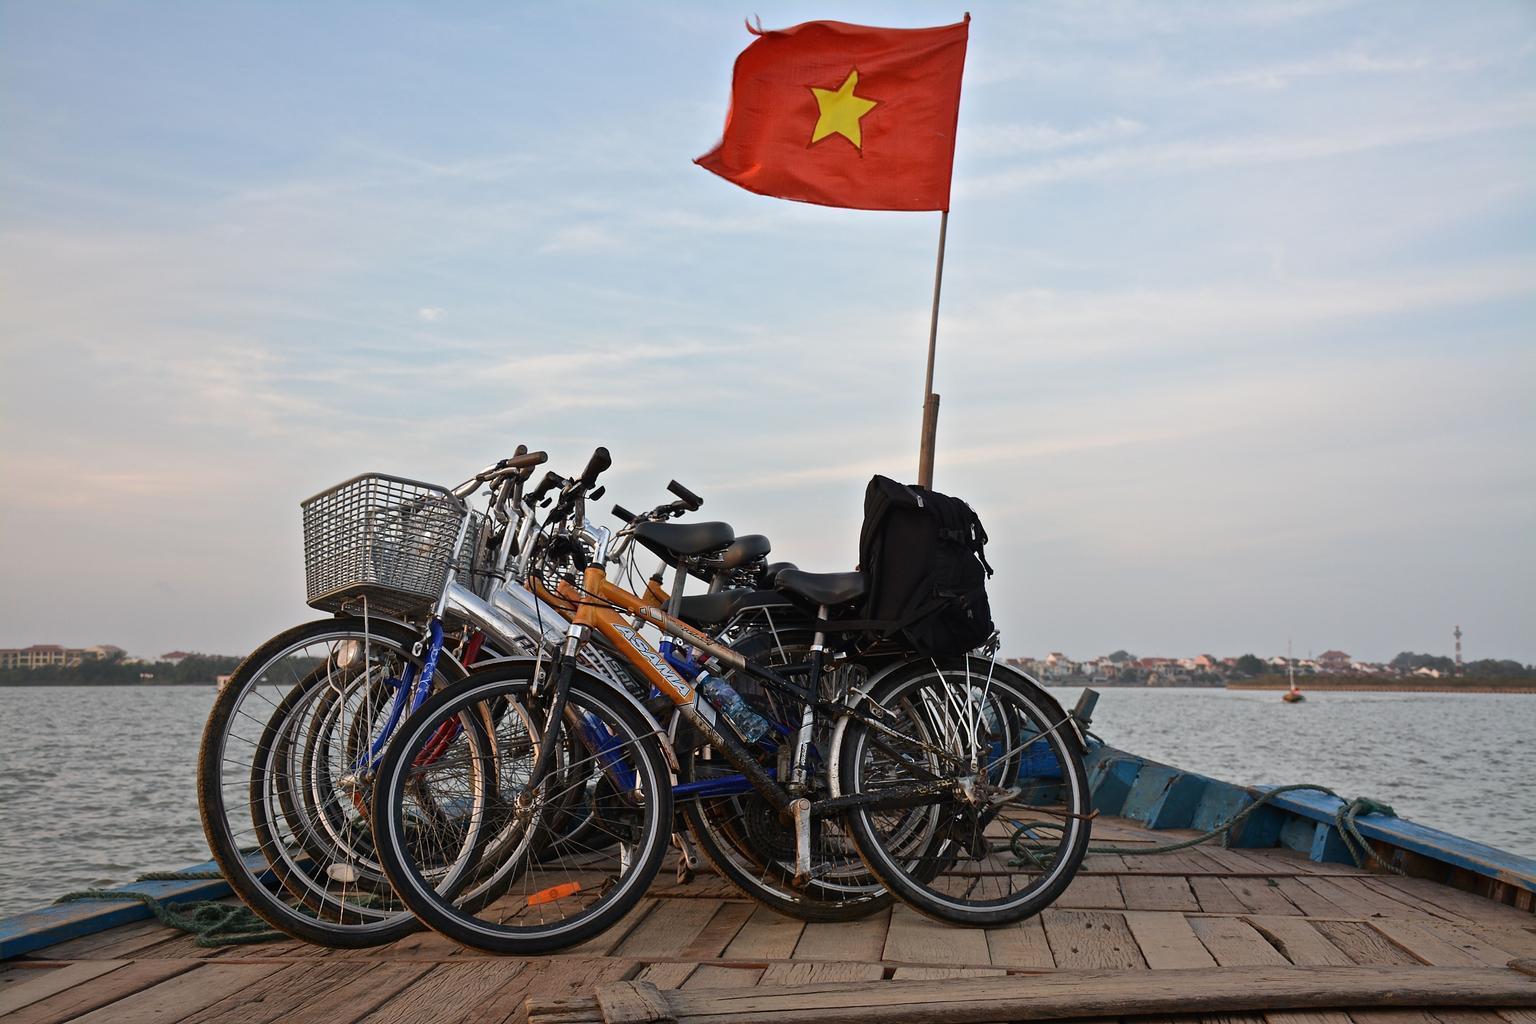 MÁS FOTOS, Recorrido en bicicleta por la tarde por la campiña desde Hoi An